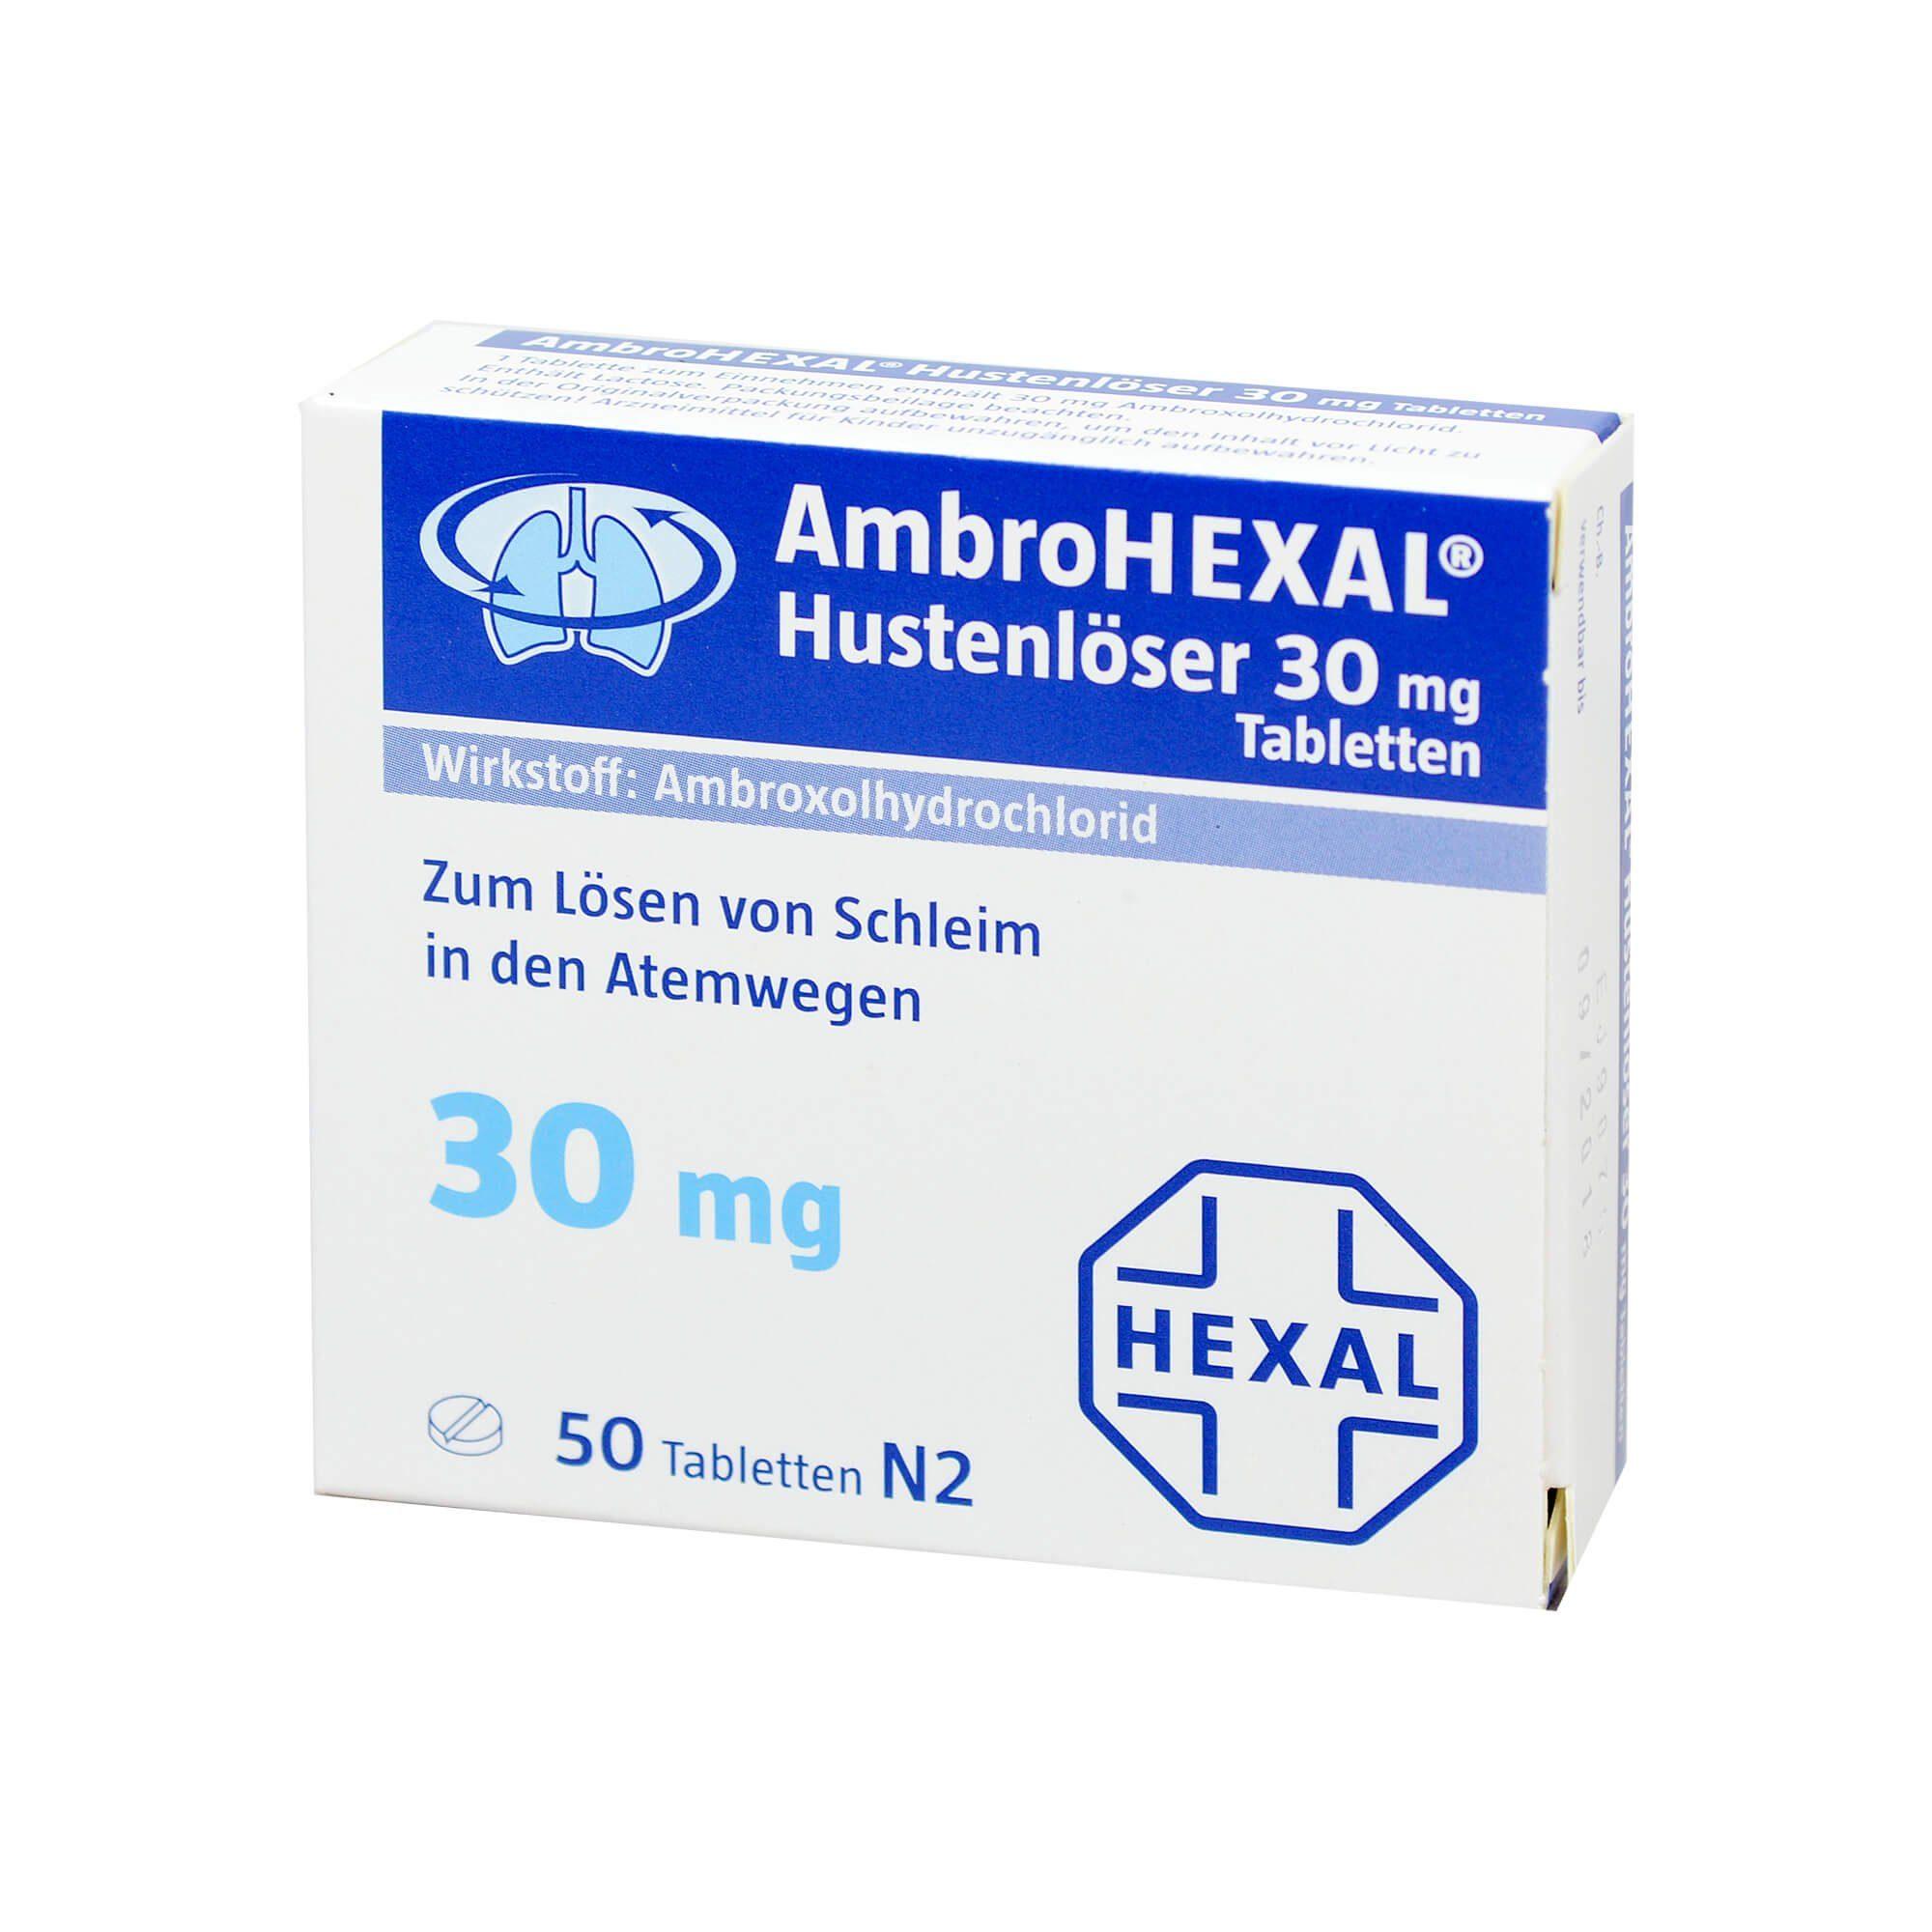 AmbroHEXAL Hustenlöser 30 mg , 50 St